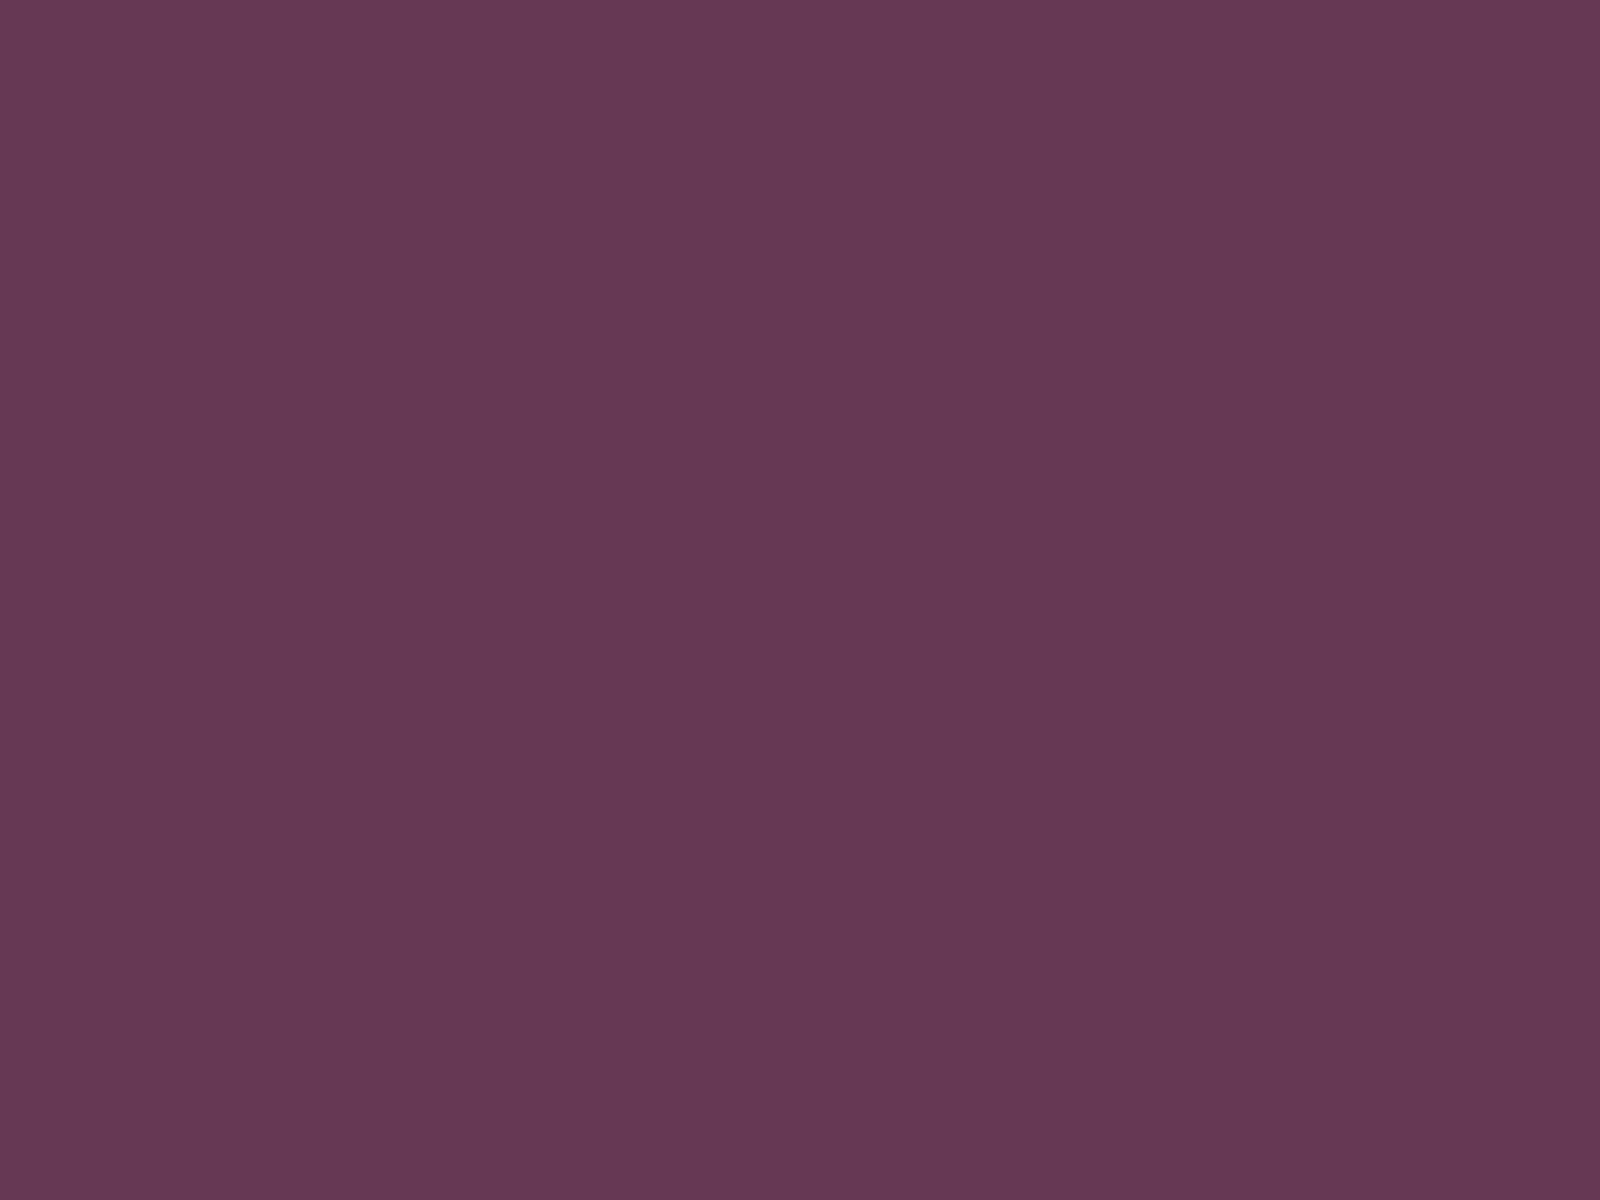 1600x1200 Halaya Ube Solid Color Background